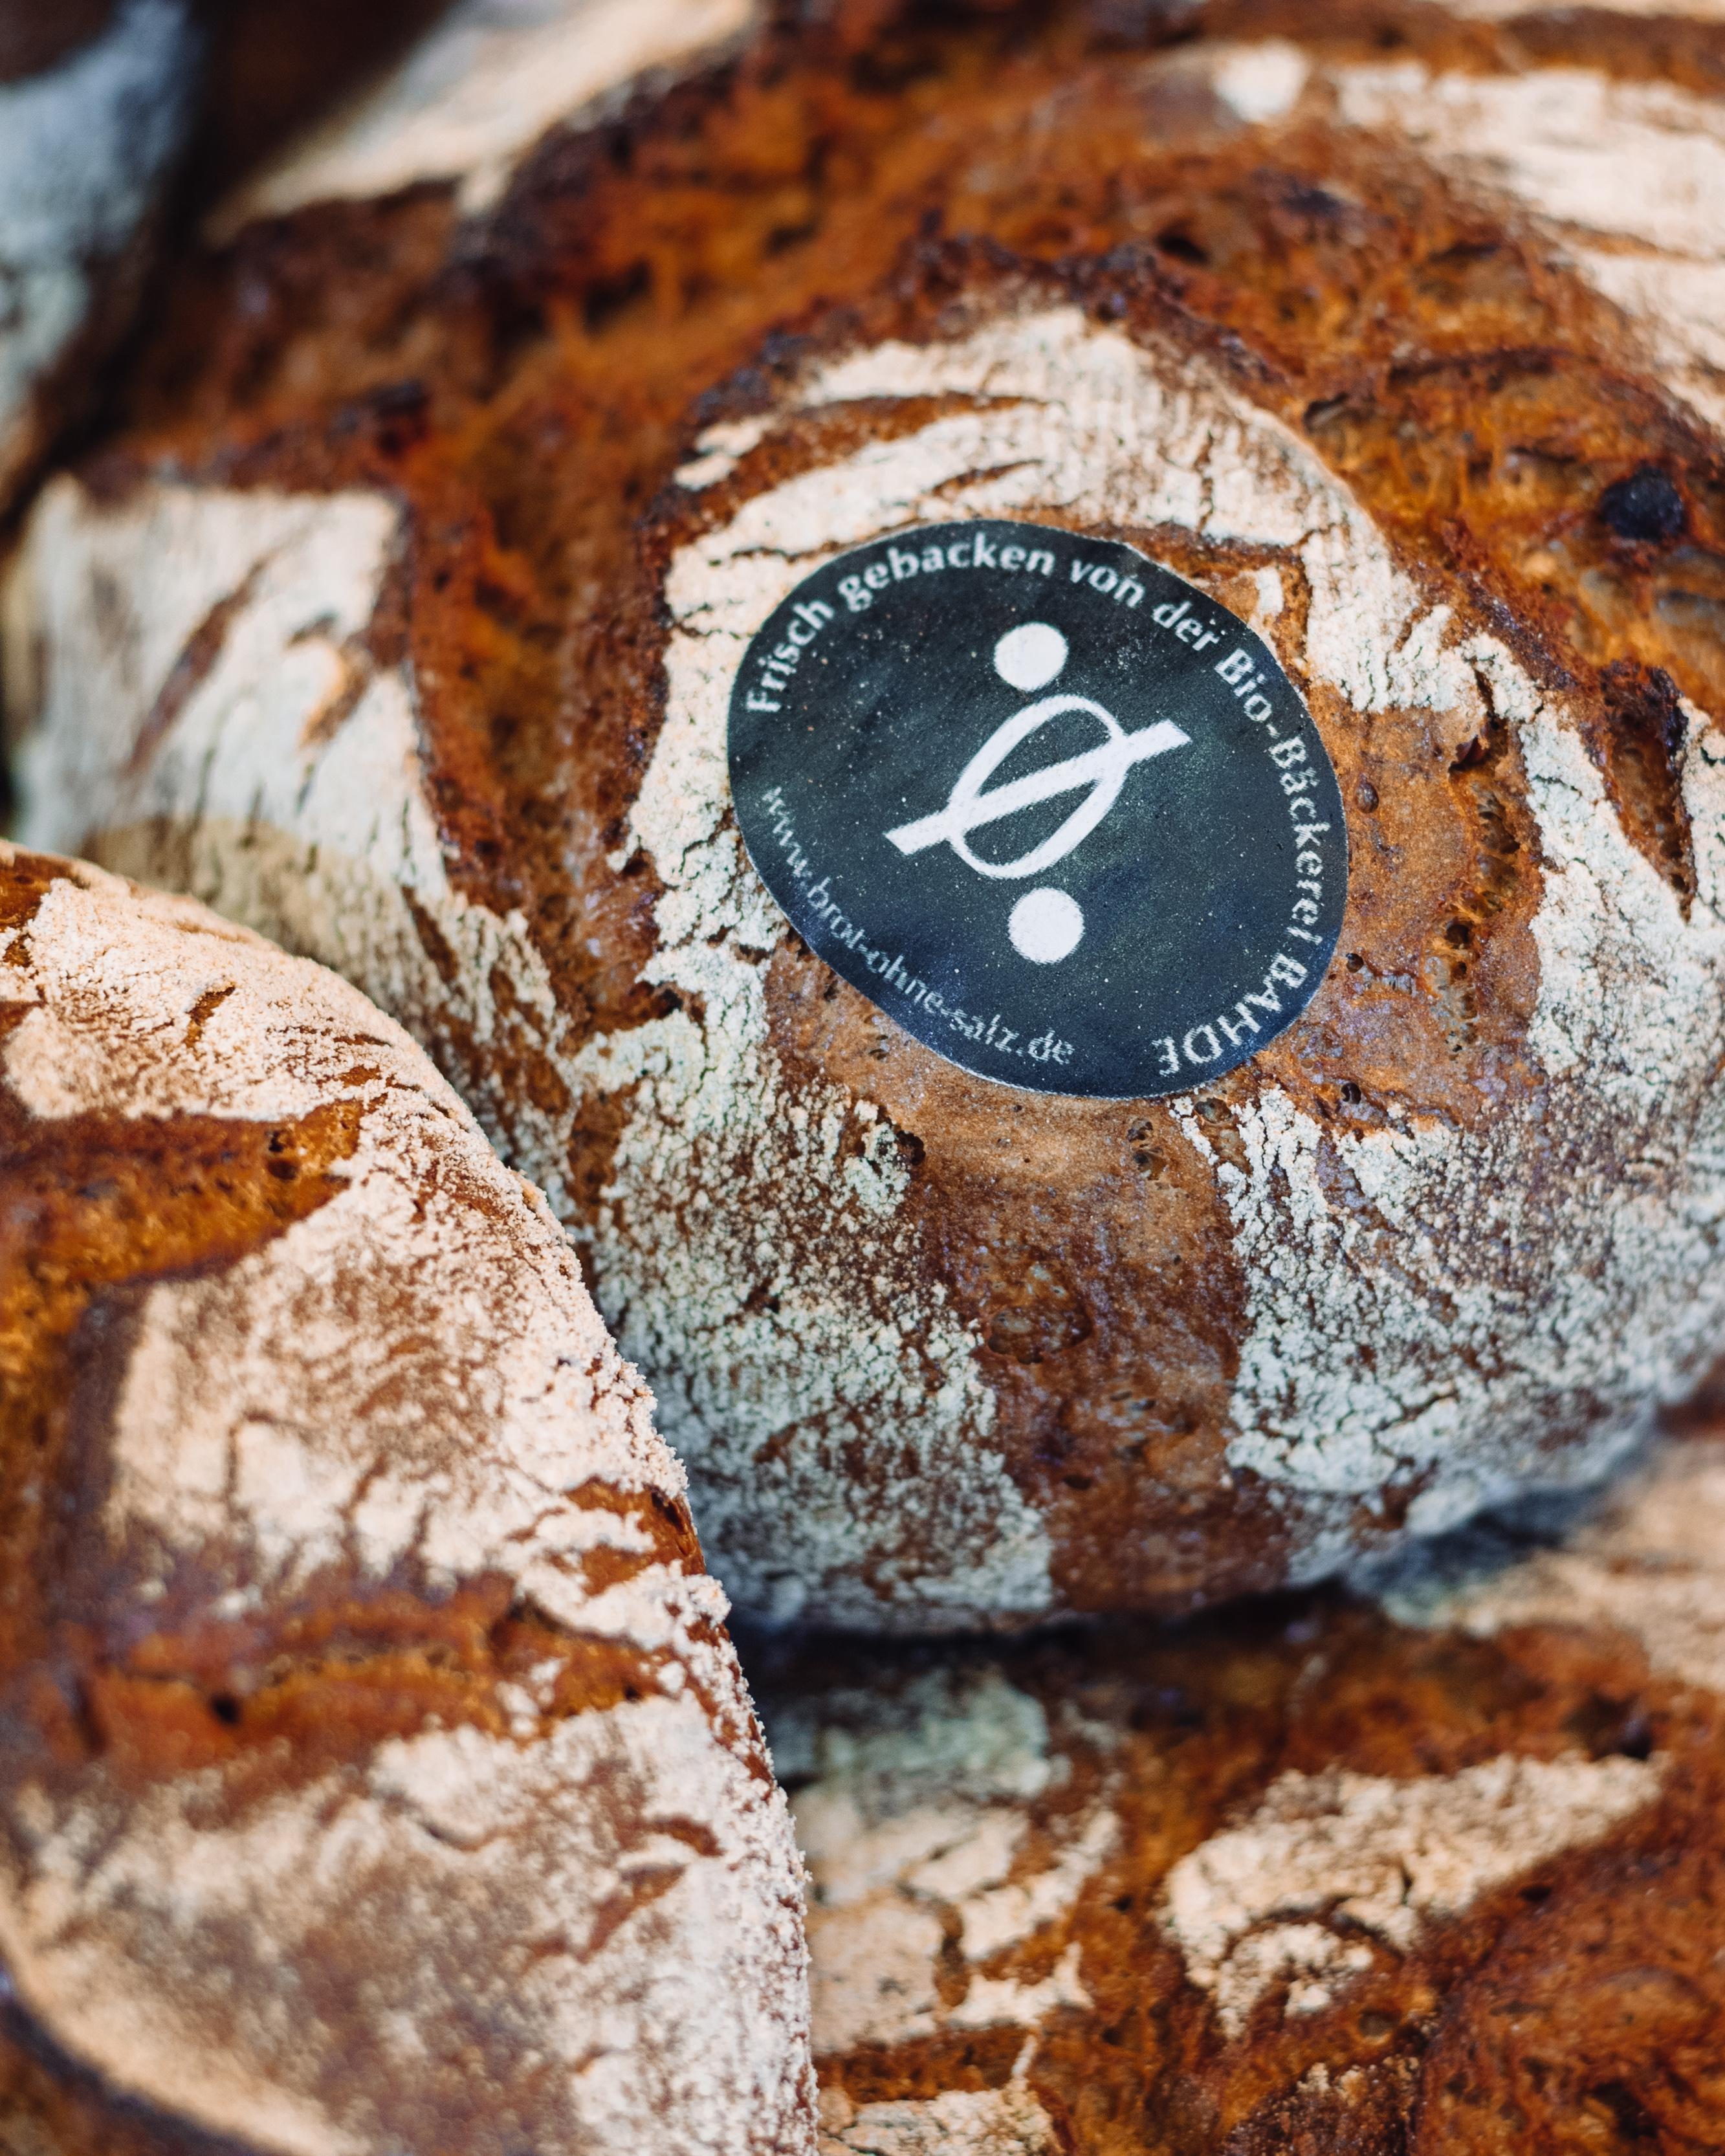 NullProzent-Kruste mit Brotmarke der Bio-Bäckerei Bahde.